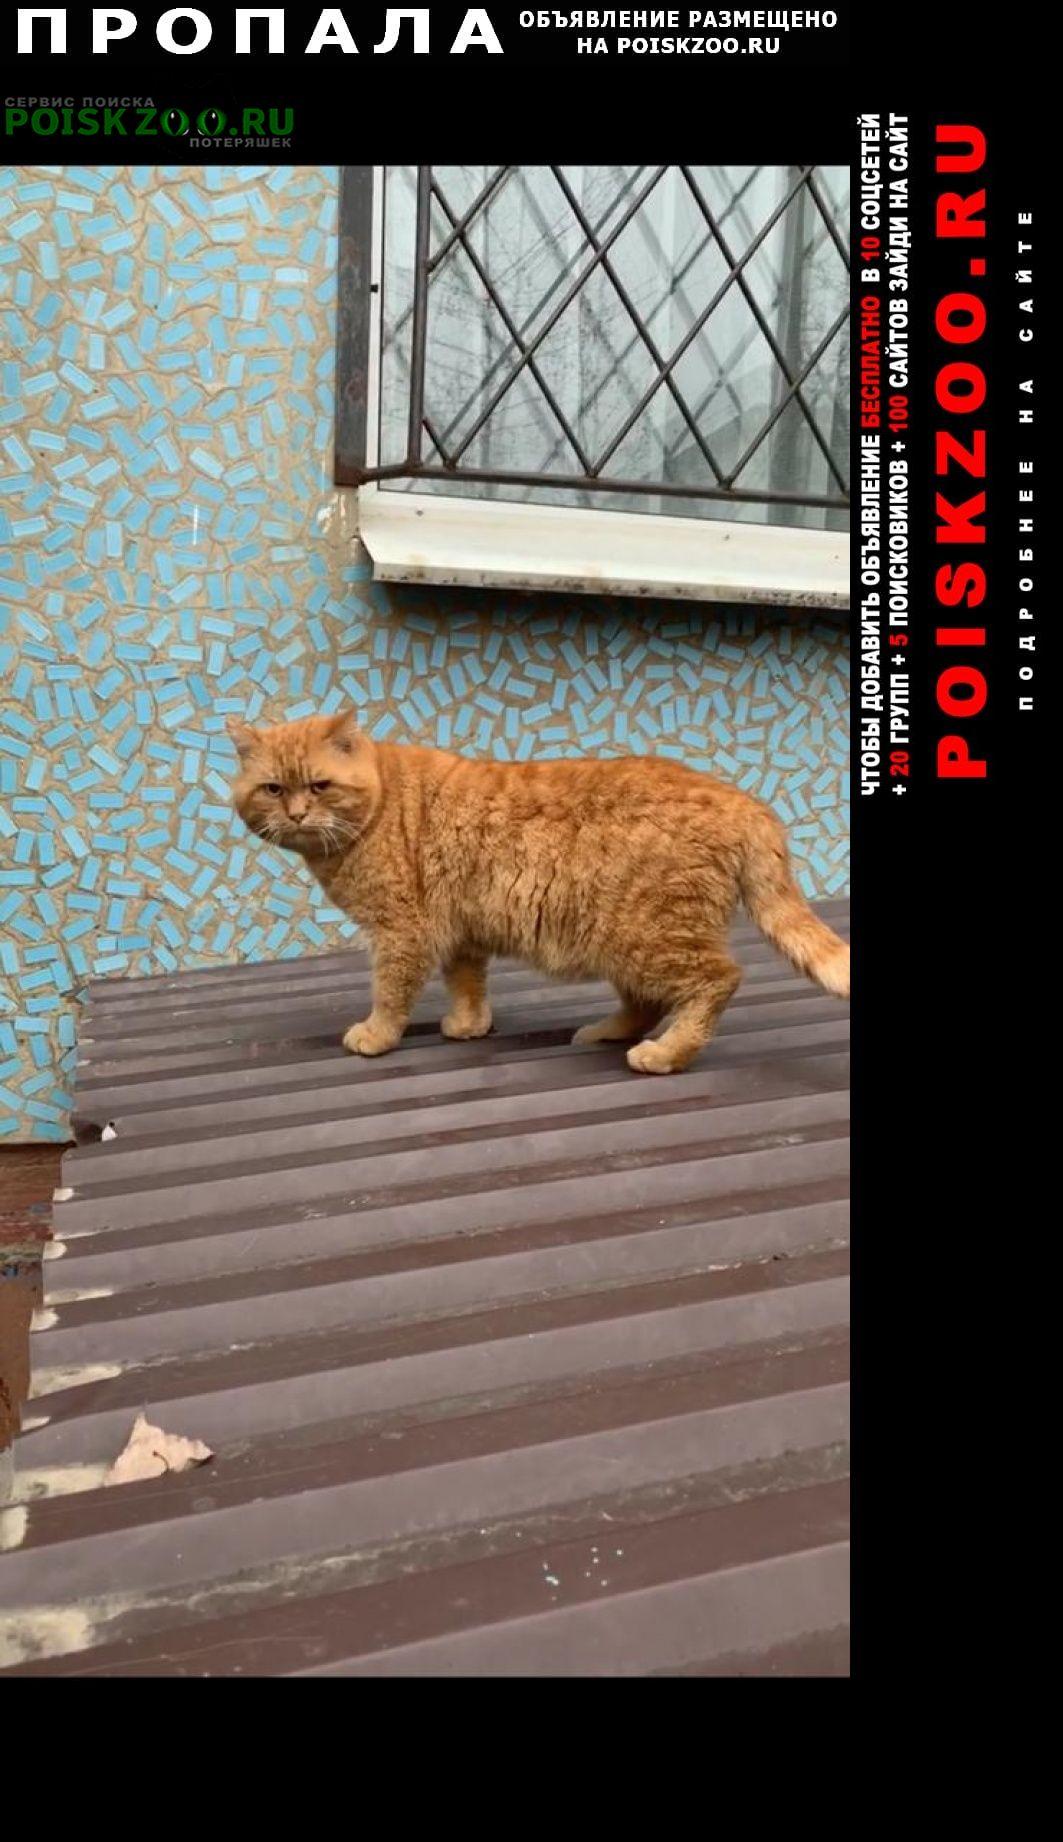 Пропала кошка помогите найти кота Армавир